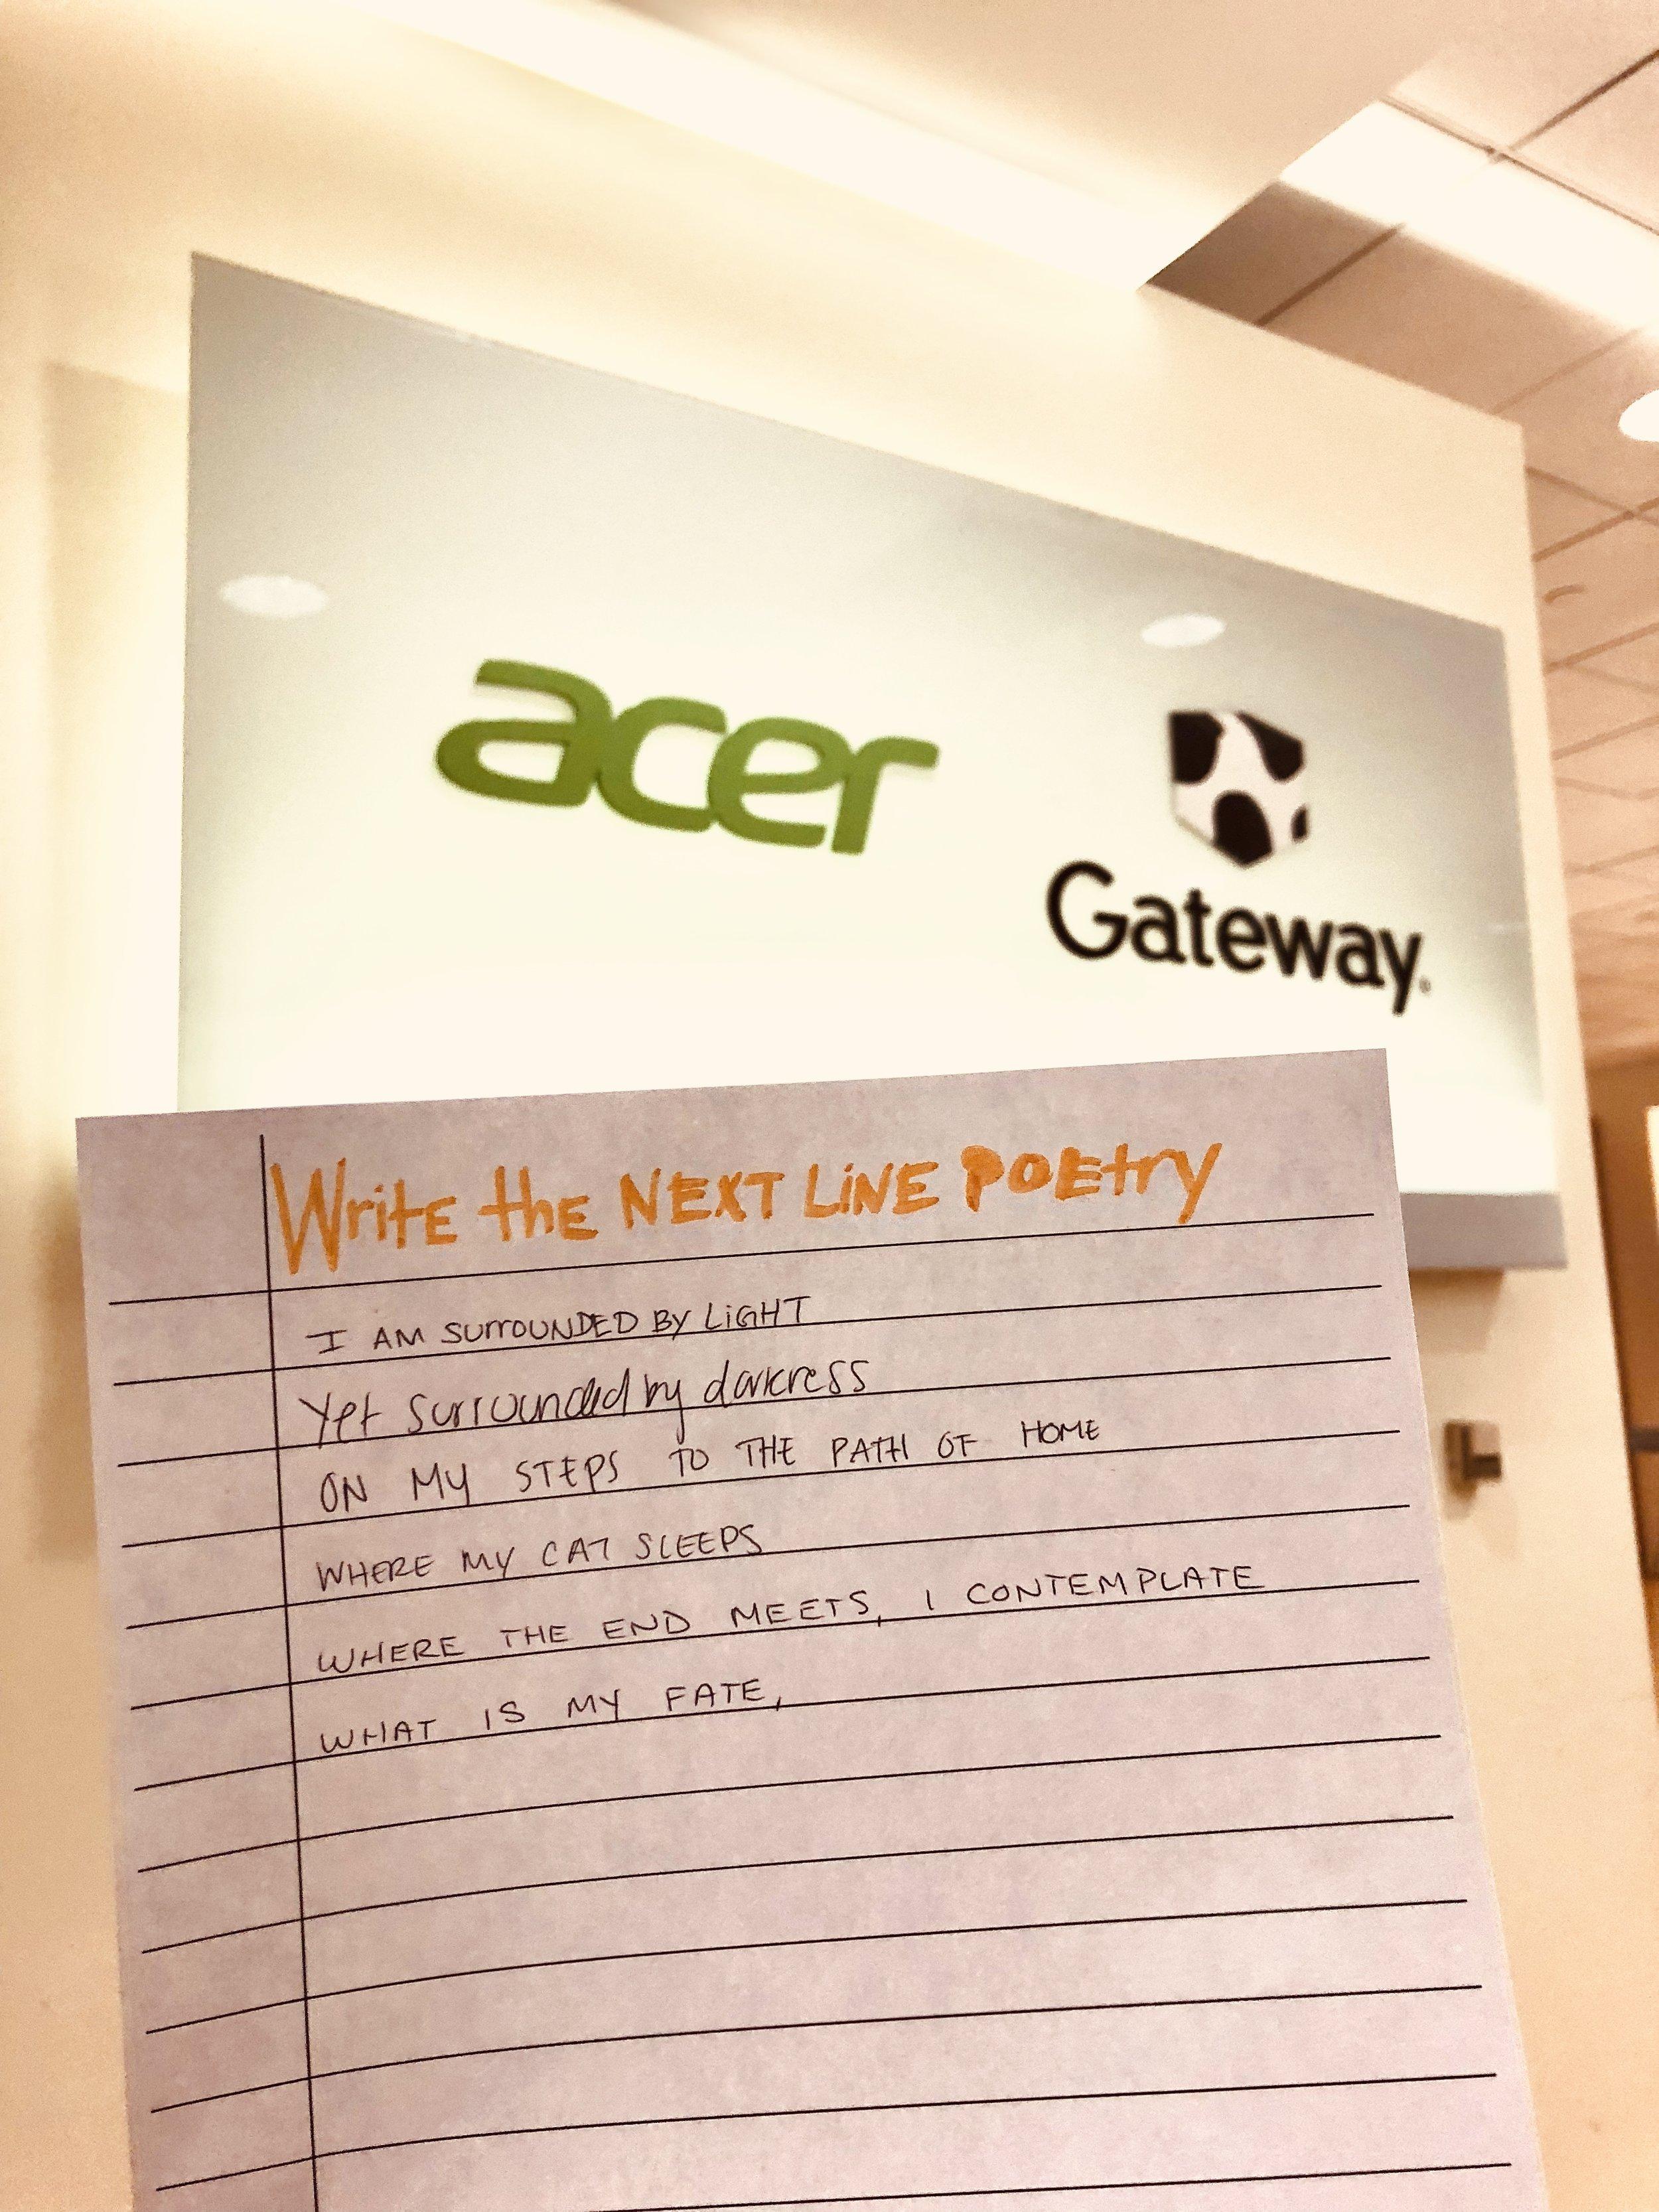 AcerxDMCStudio Poetry